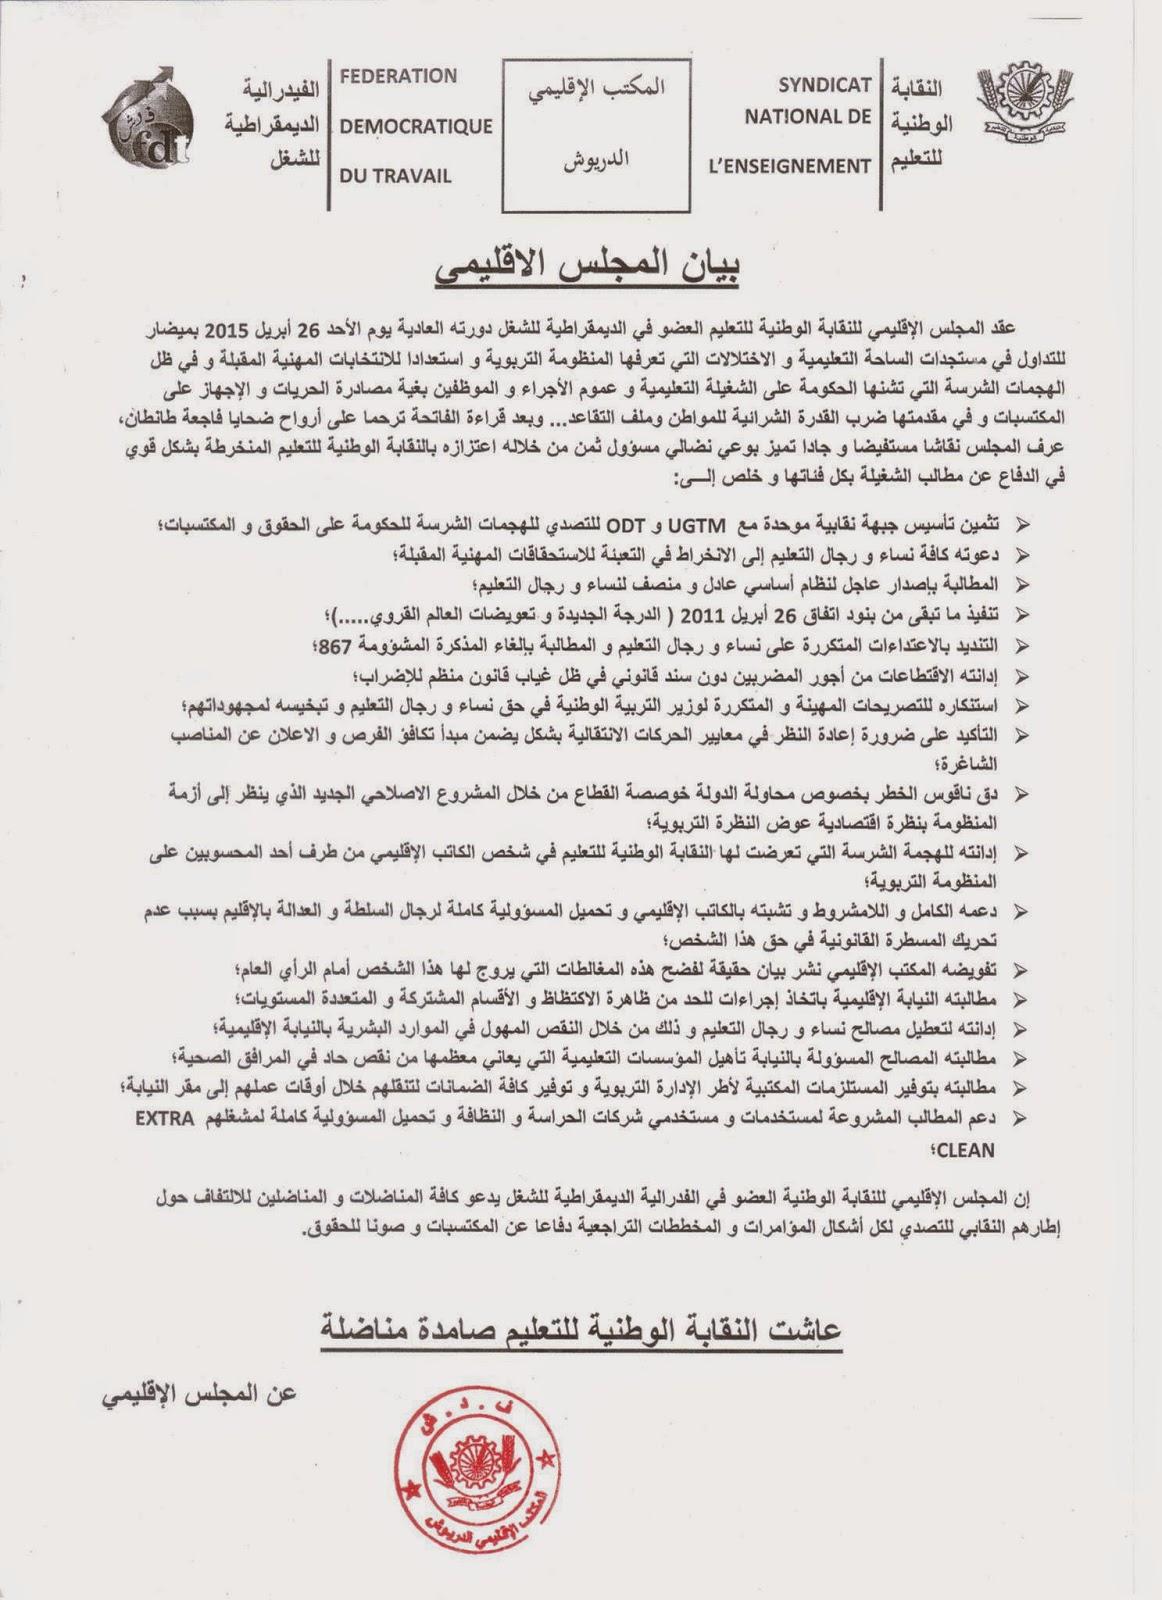 النقابة الوطنية للتعليم ف.د.ش الدريوش